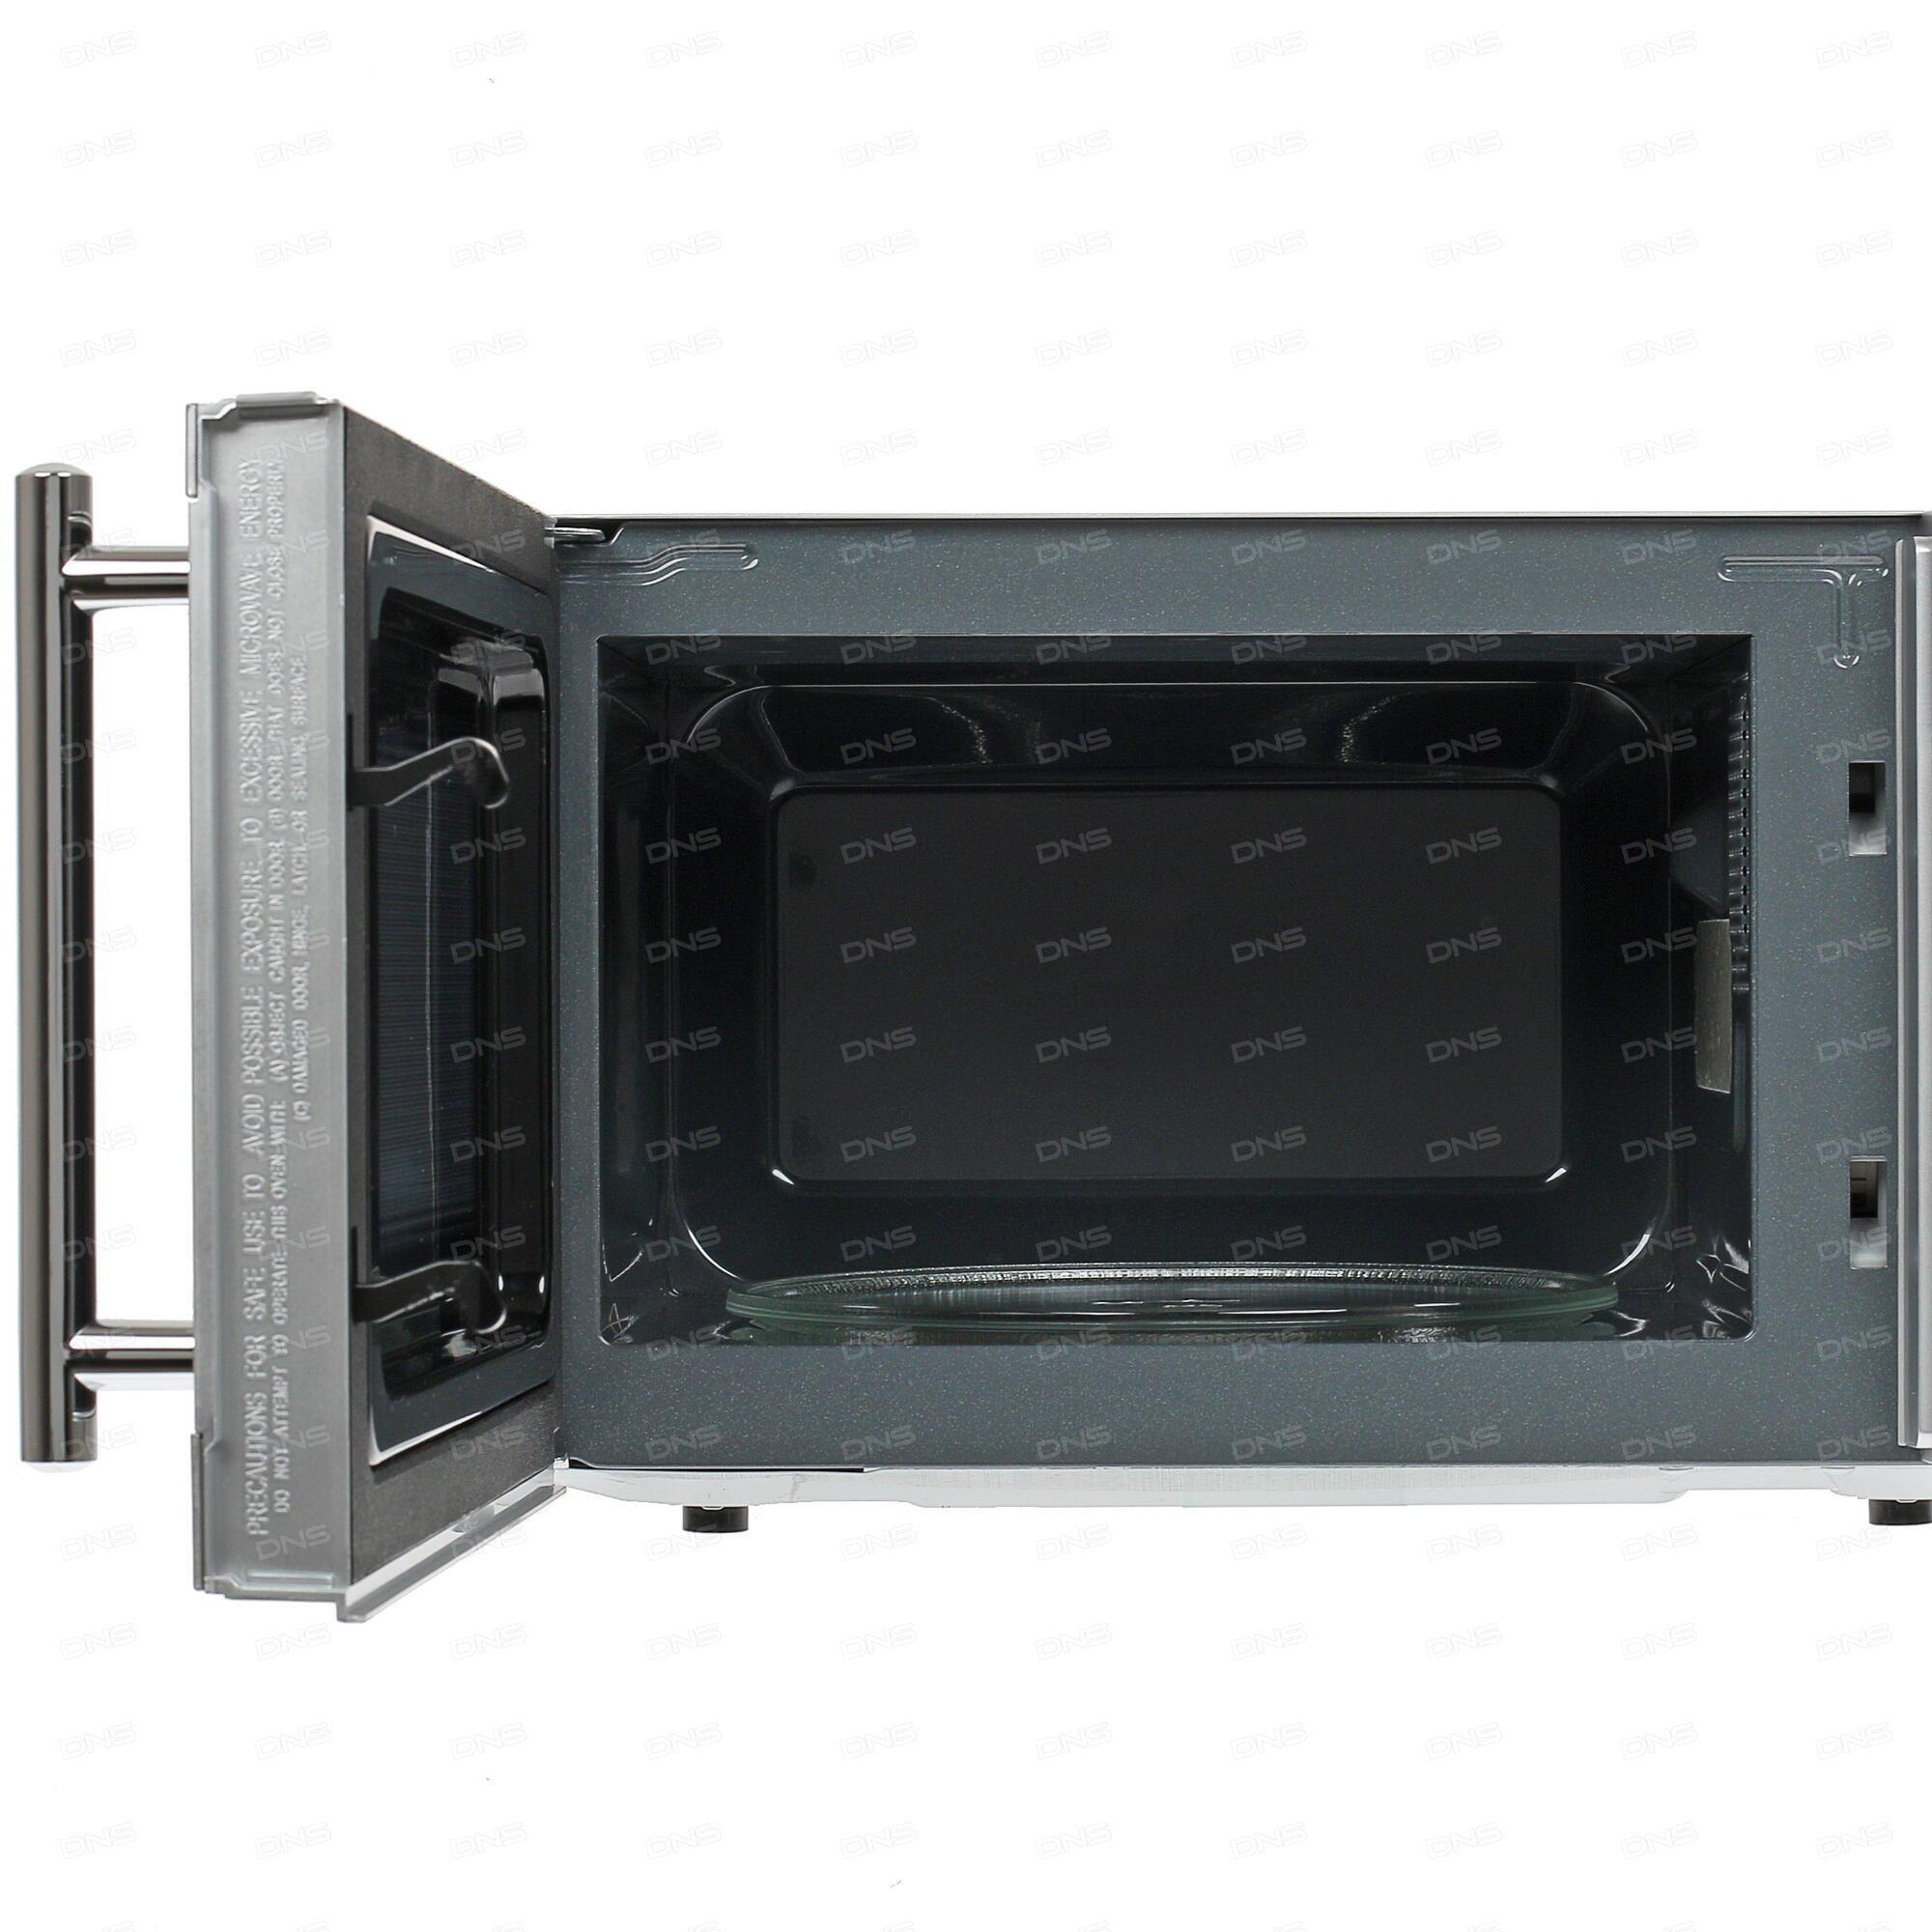 Микроволновая печь Gorenje BMX201AG1BG черный купить в ...